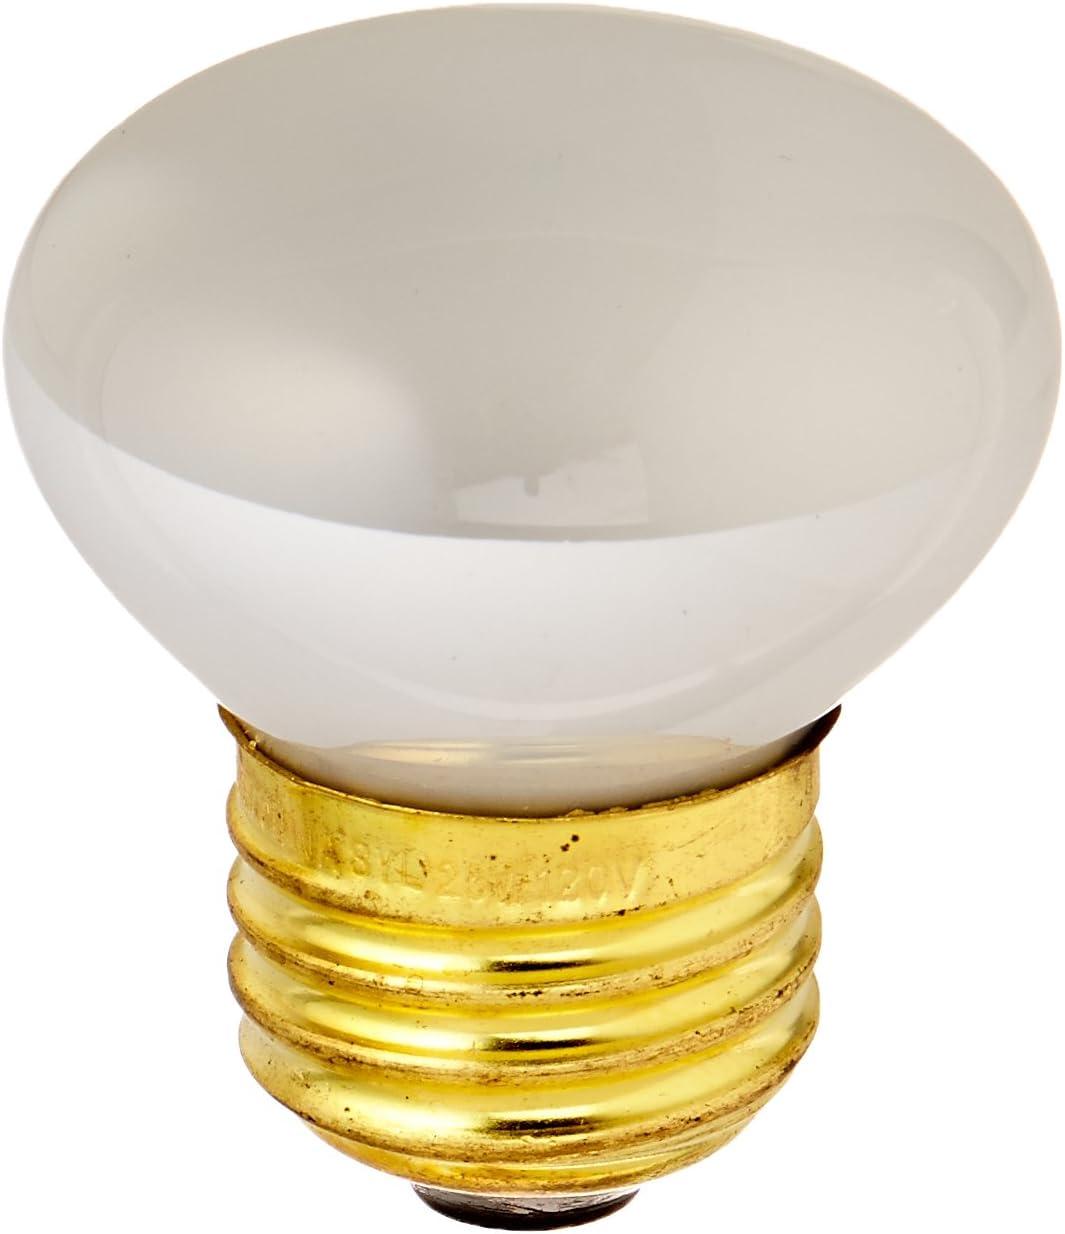 Sylvania 14818 25-Watt Incandescent R14 Mini-Reflector Light Bulb